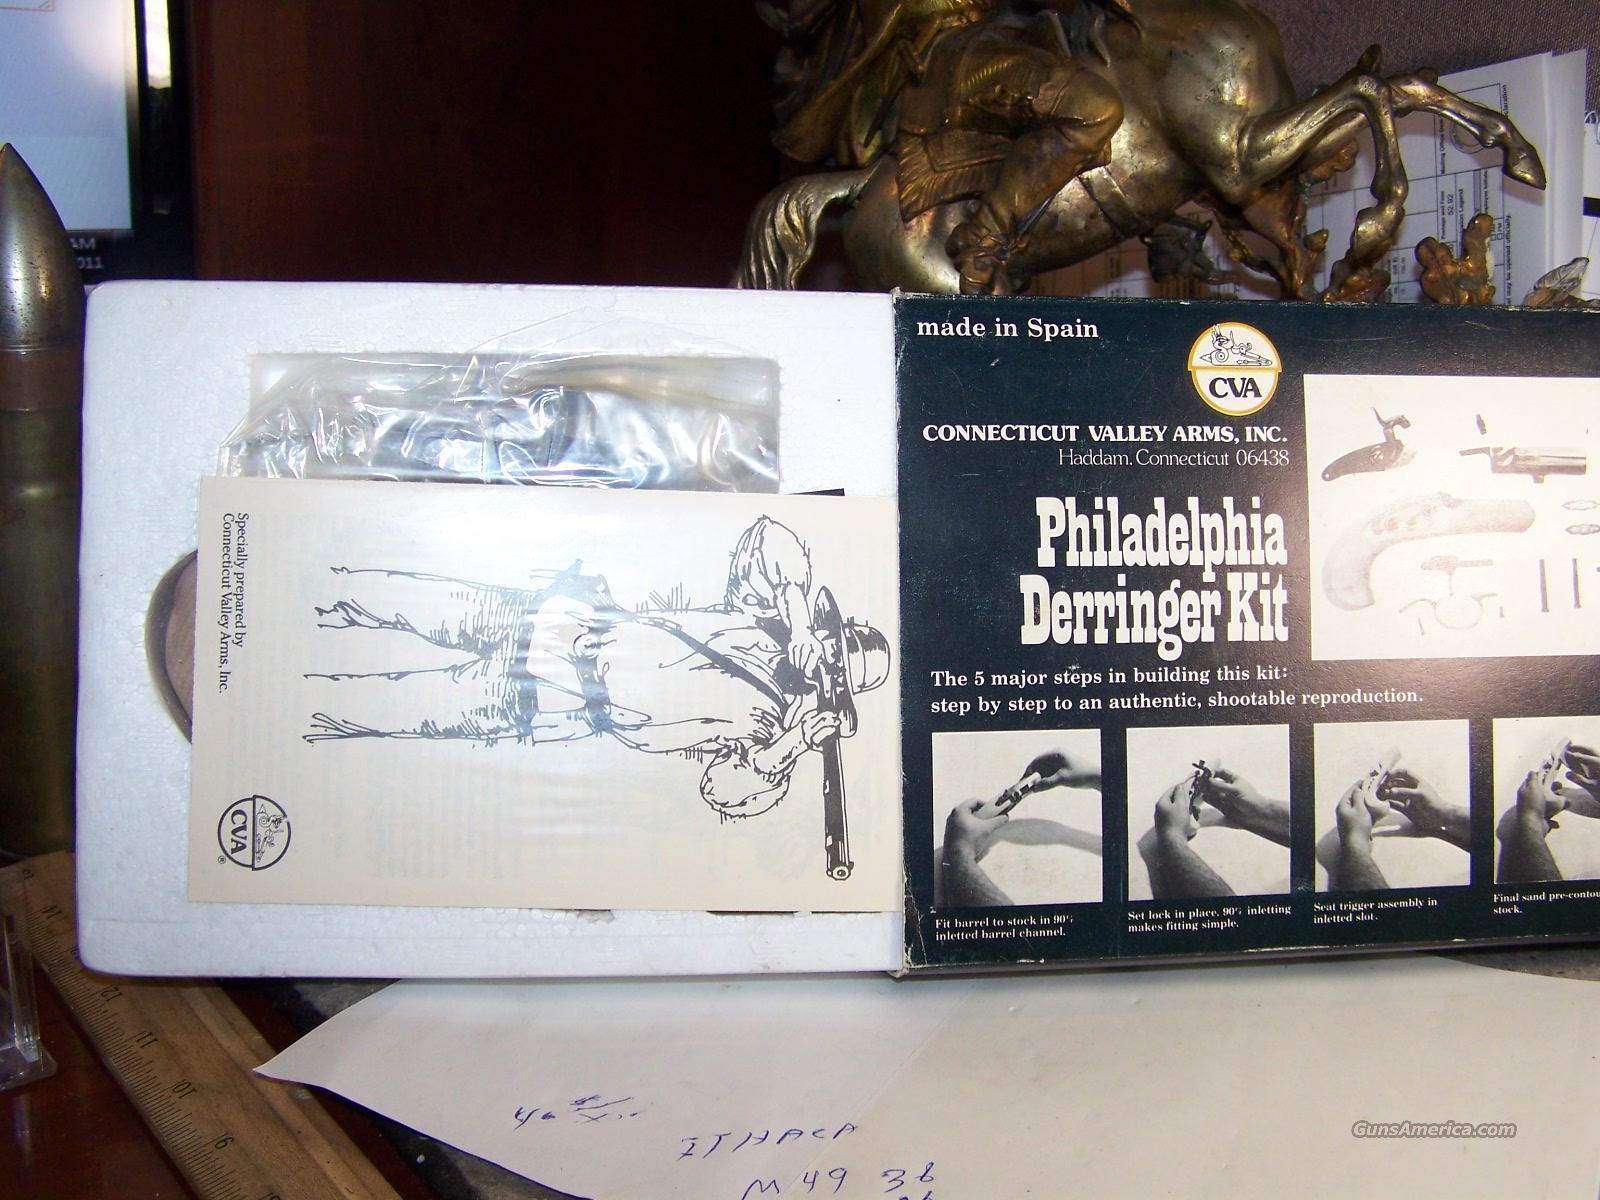 PHILADELPHIA DERRINGER KIT C V A  MINT IN BOX UNOPENED 45 CA